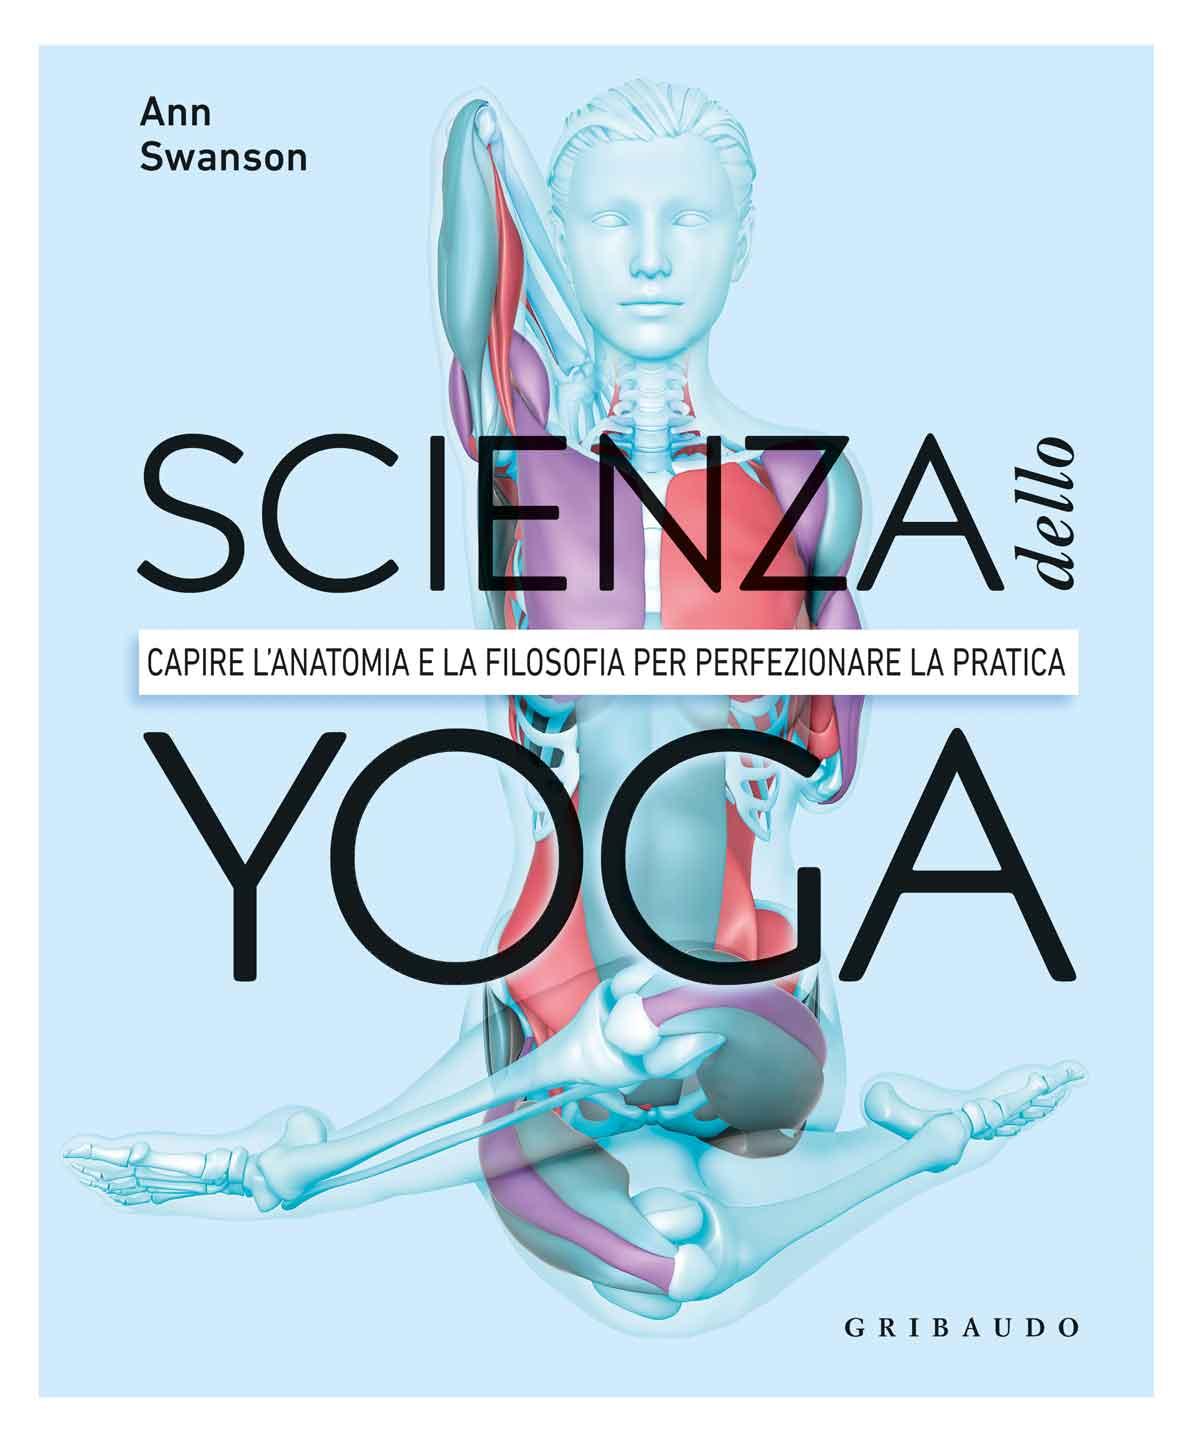 Scienza dello yoga - Ann Swanson - Gribaudo